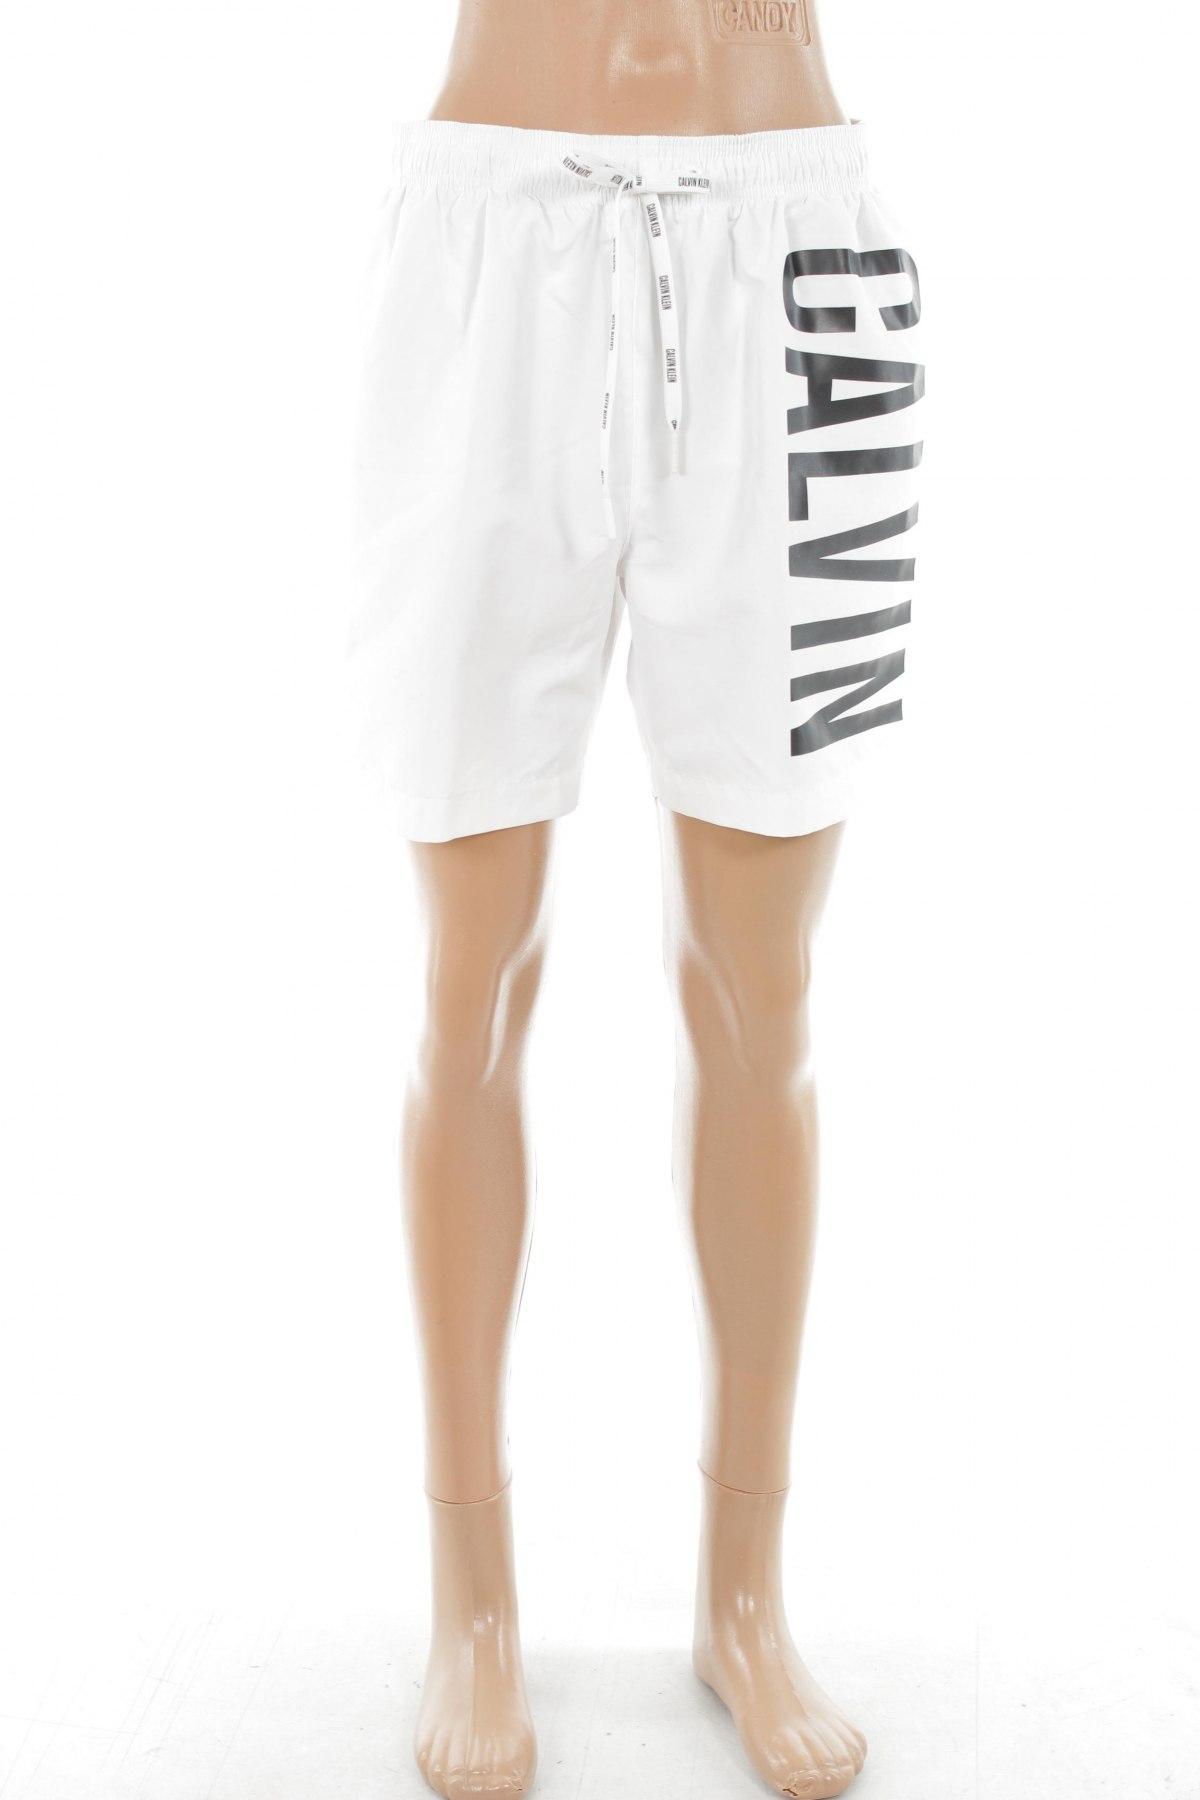 7f37d90aee Férfi rövidnadrág Calvin Klein - kedvező áron Remixben - #9041618